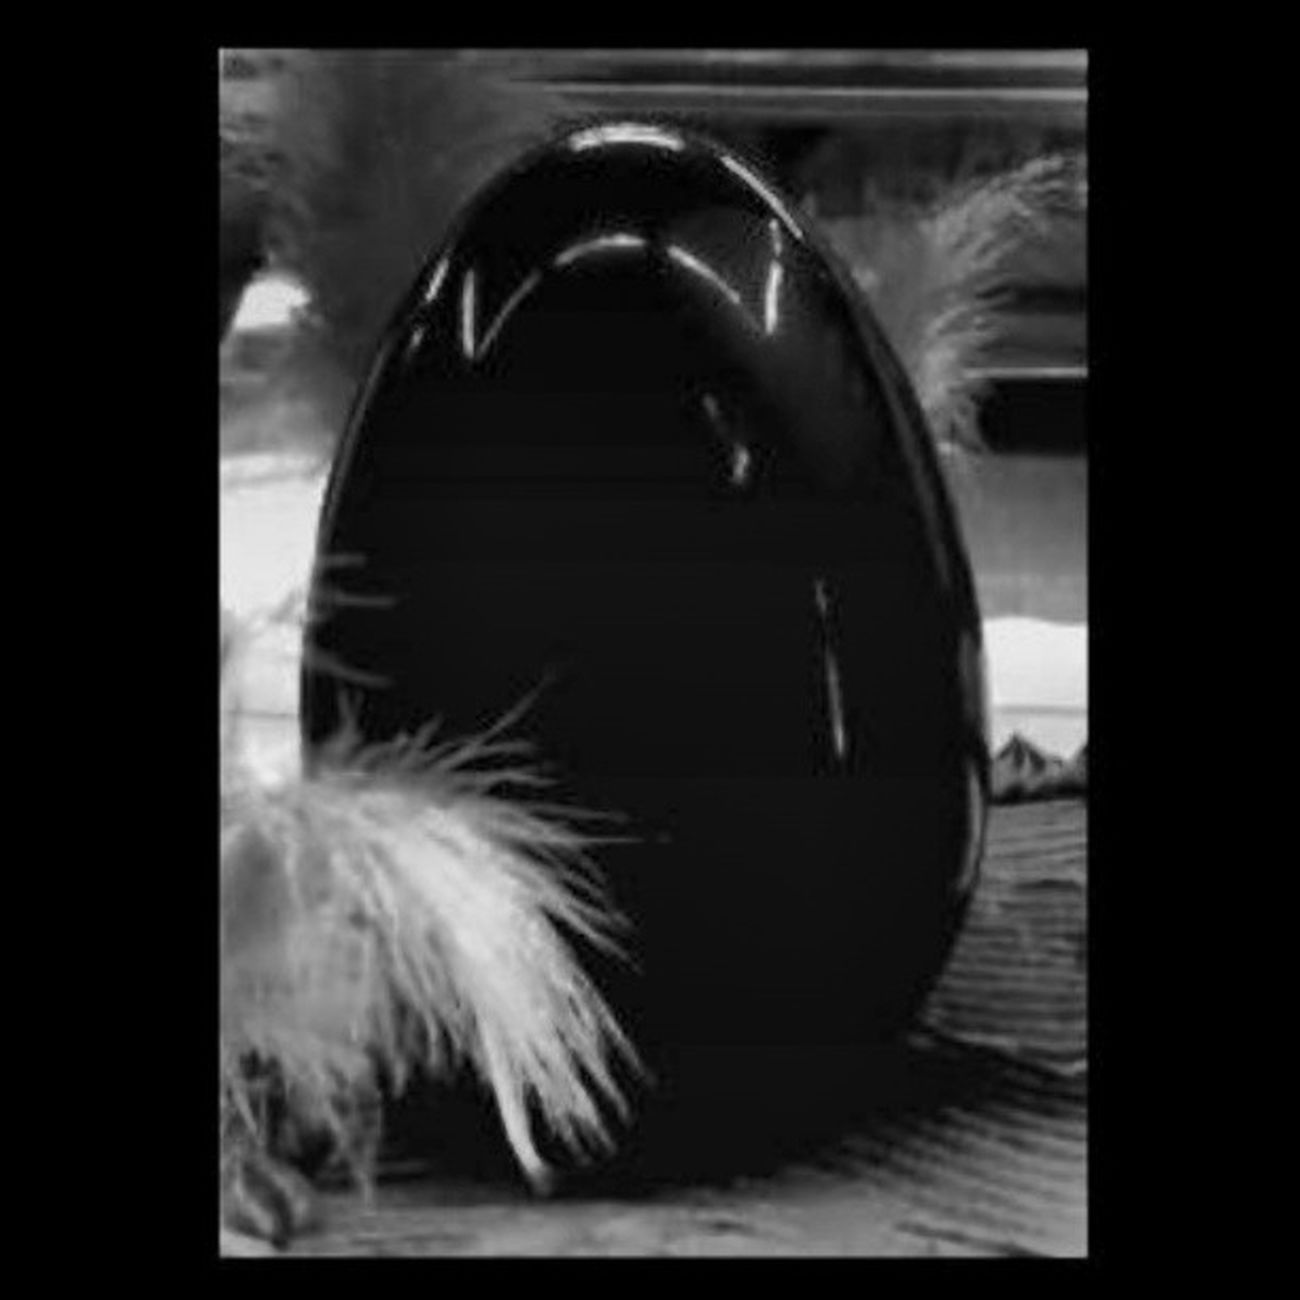 Bona mona!! Tradicions Setmanasanta Lloretdemar Igersgirona incostabrava catalunyafotos catalunyaexperiencie descobreixcatalunya fotosdesomni fotodeldia gf_spain gf_dailyikg_photos